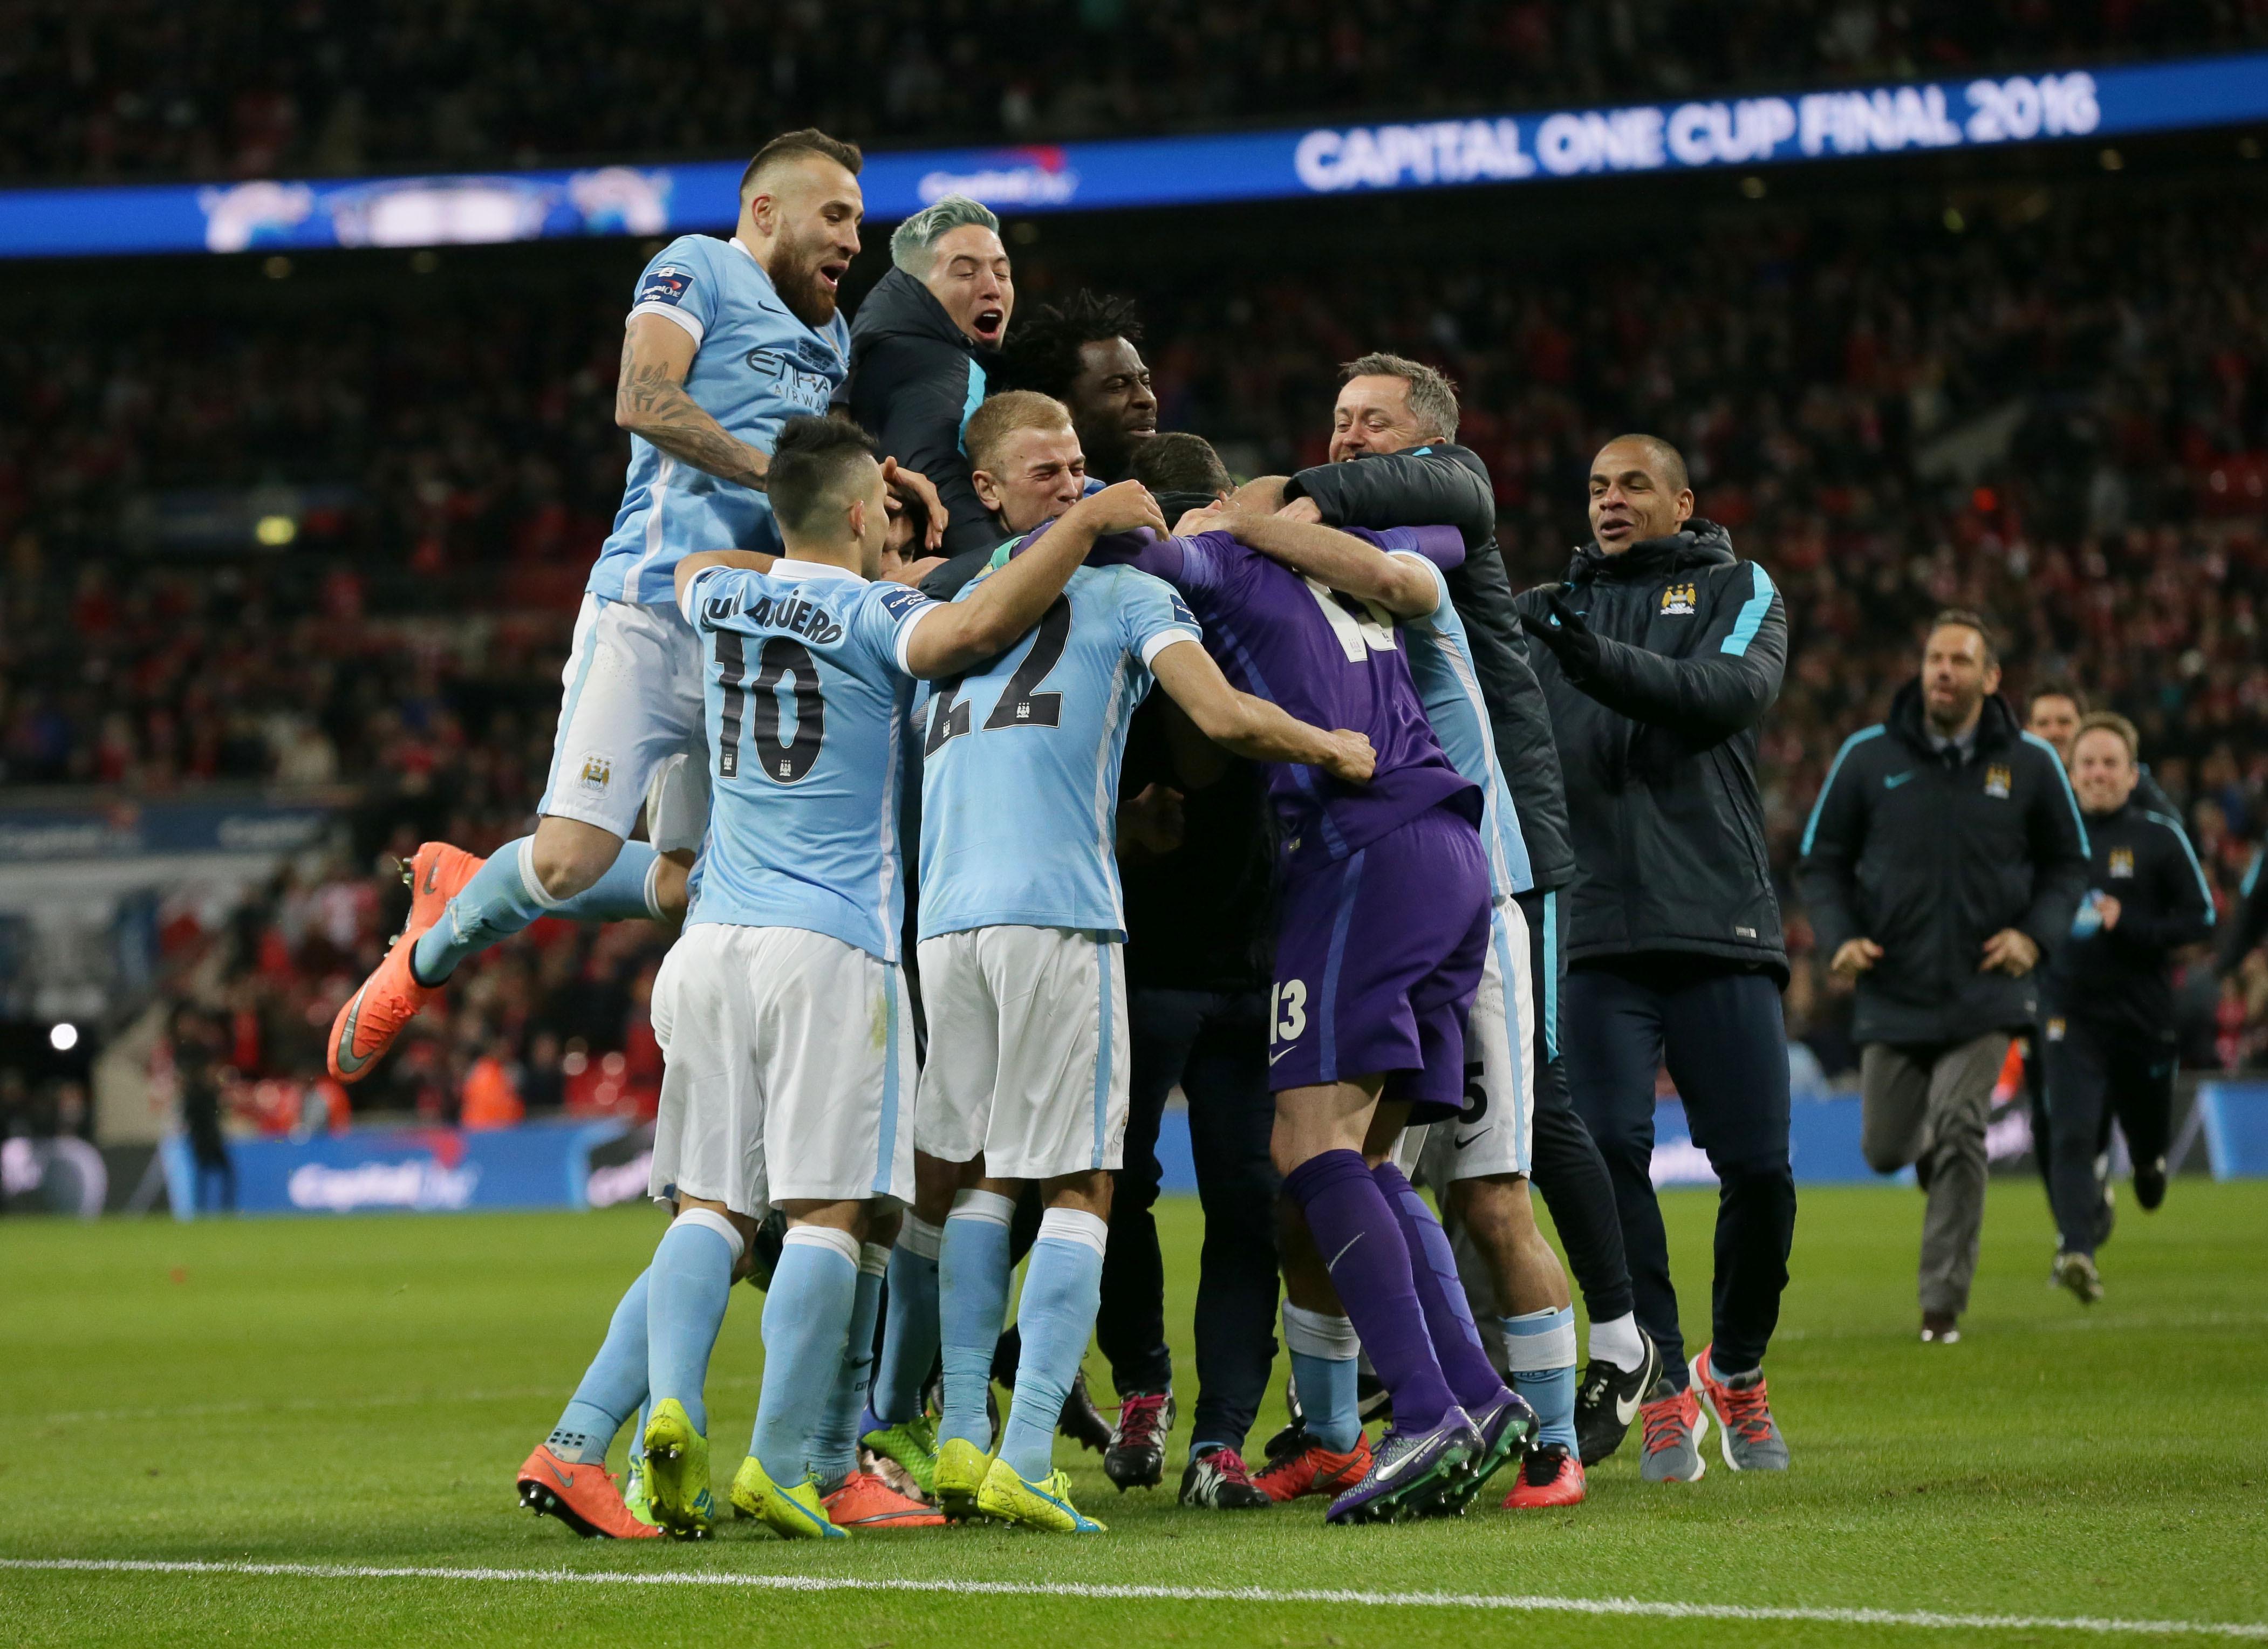 britain_soccer_league_cup-fc19fdf690444c_r8145.jpeg